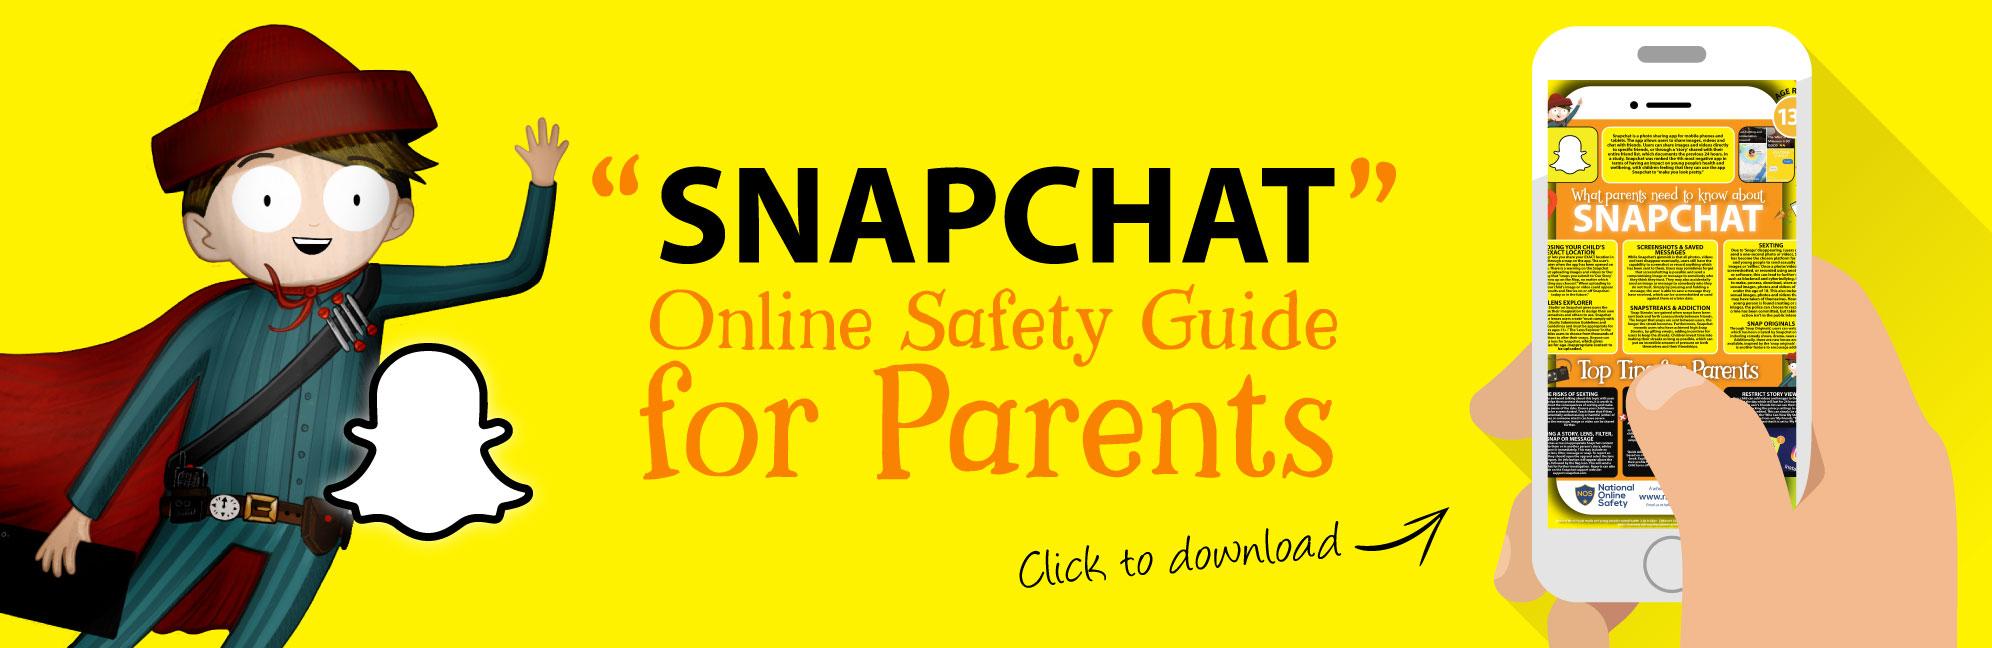 Snapchat-Online-Safety-Parents-Guide-Web-Image-121118-V1